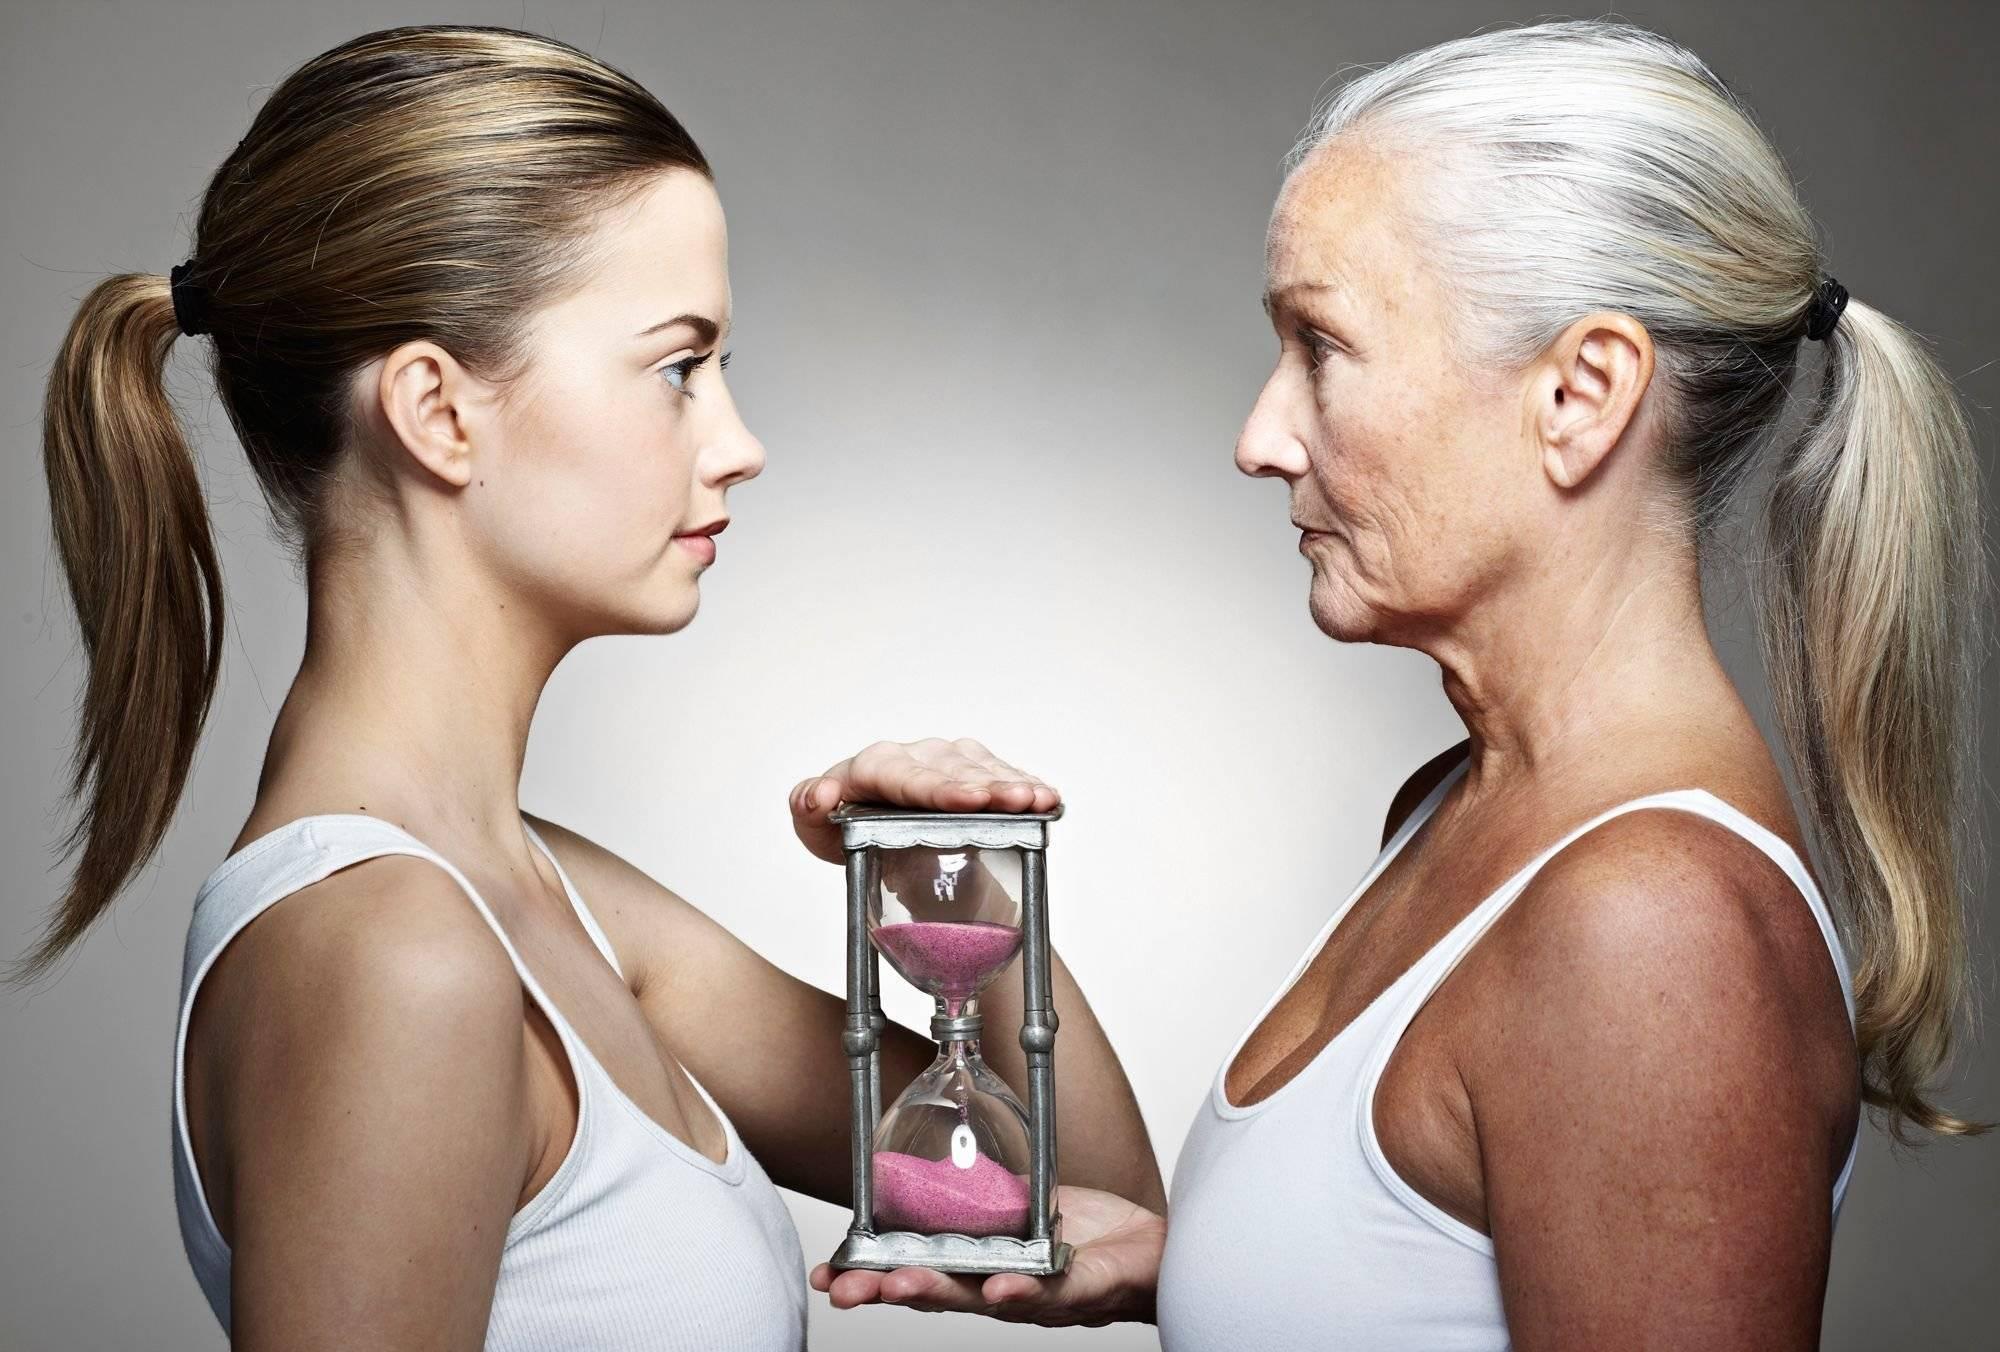 В борьбе за молодость: возможности аппаратной косметологии